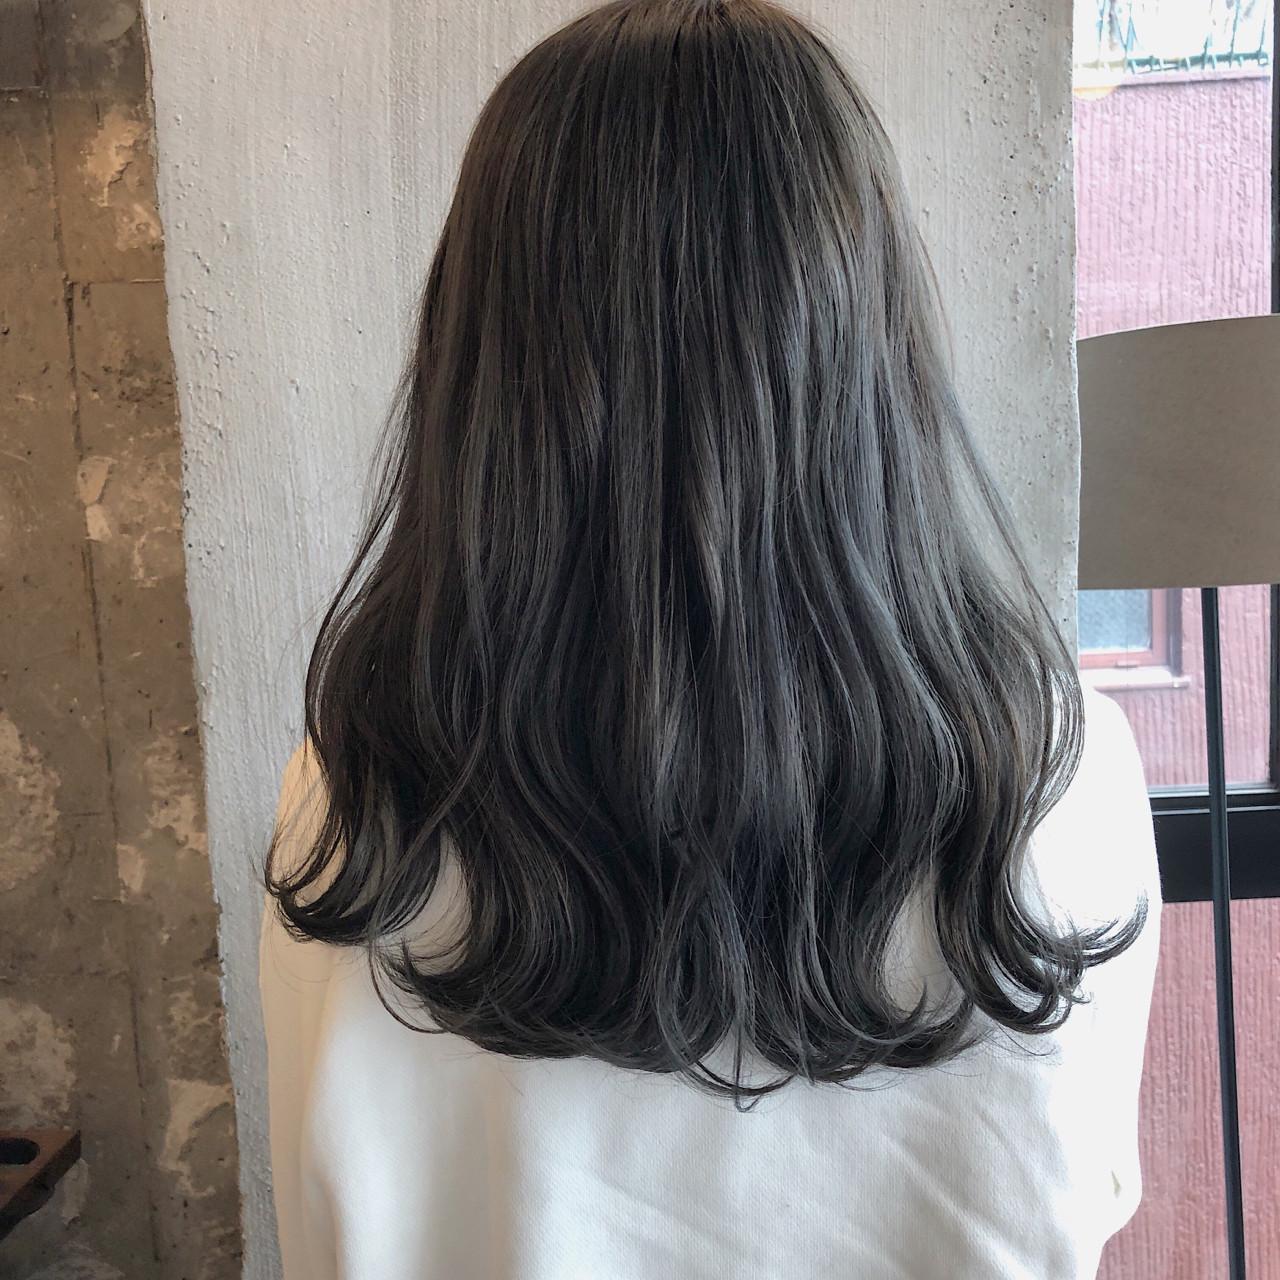 セミロング エフォートレス 結婚式 ナチュラル ヘアスタイルや髪型の写真・画像 | 冨永 真太郎 / 人トナリ